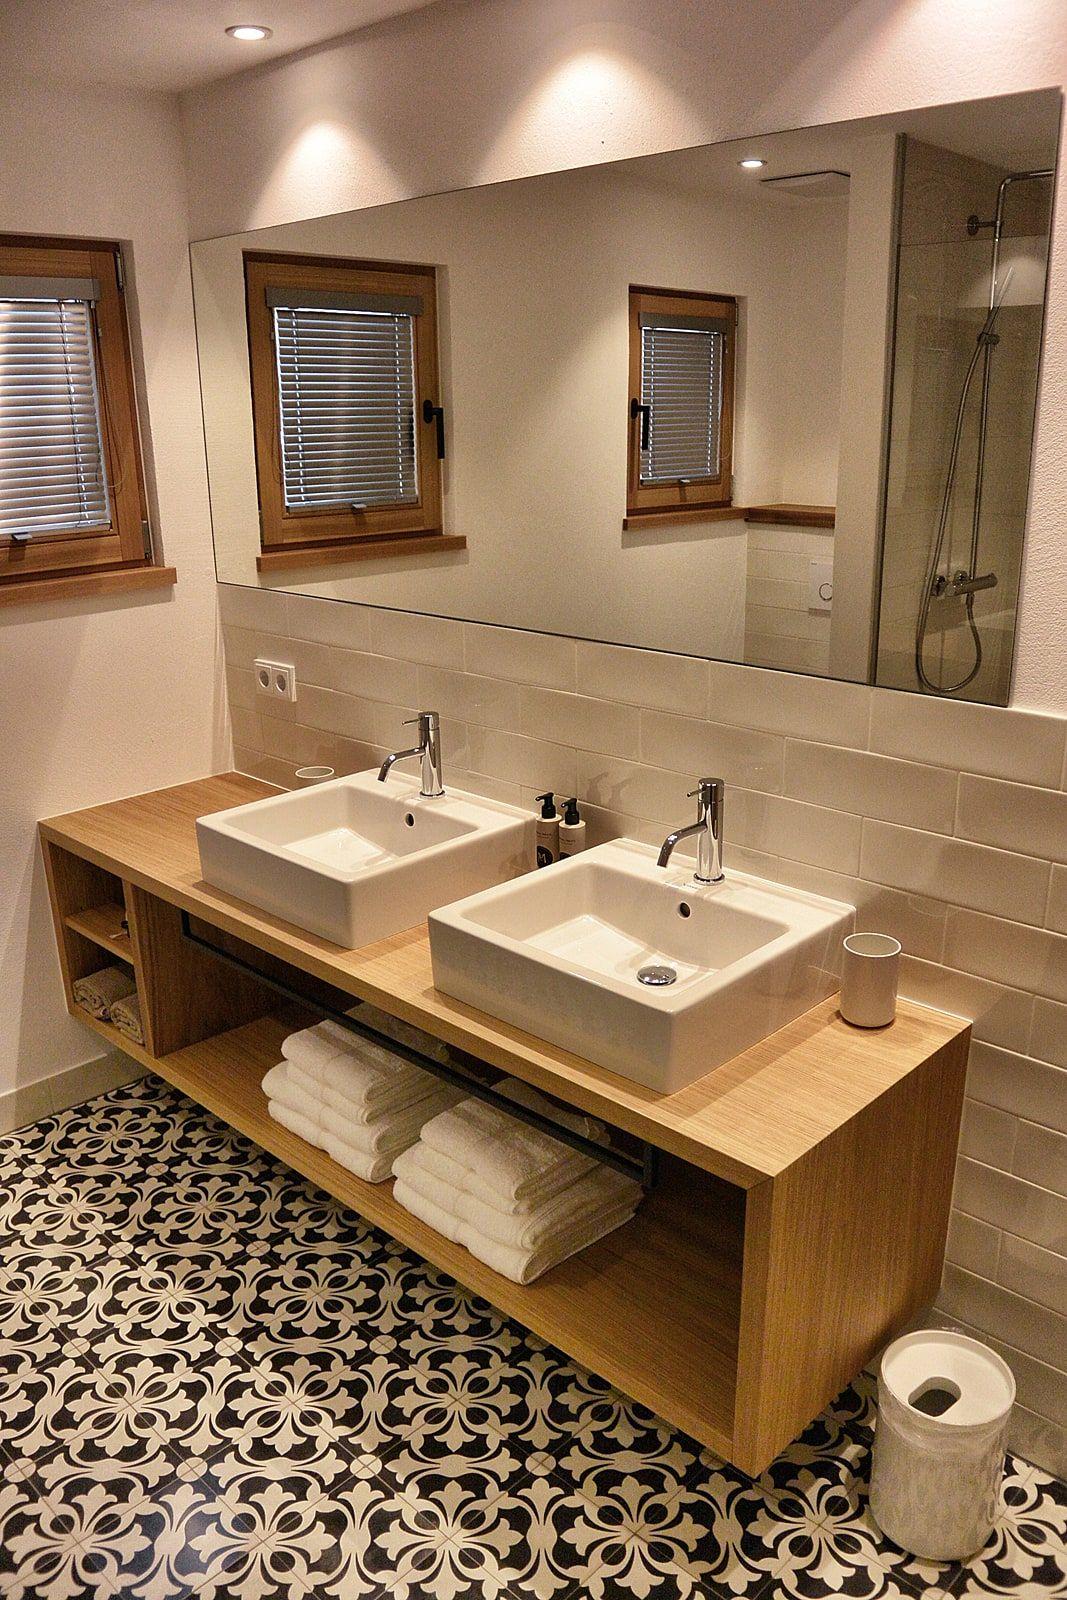 Platten Bild Nº 0243 In 2020 Badgestaltung Badezimmer Mit